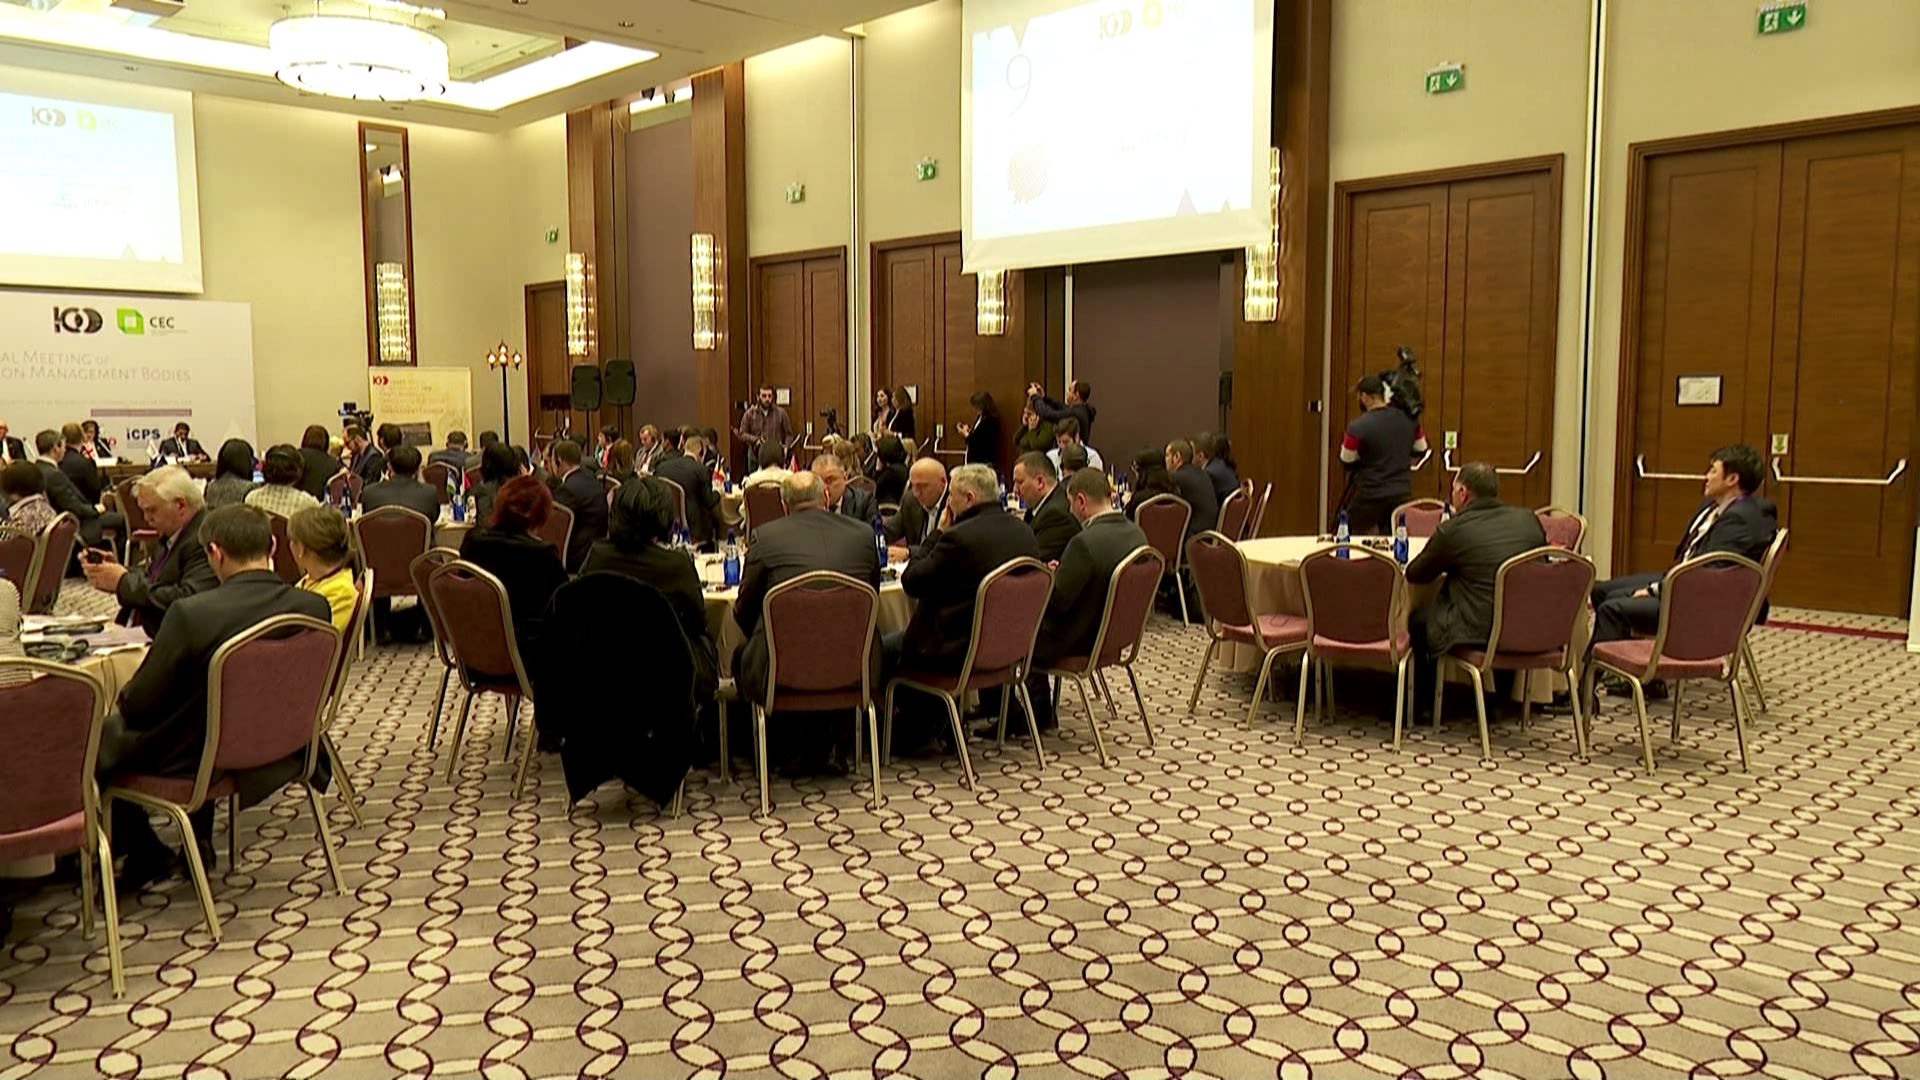 საარჩევნო ადმინისტრაციების მეცხრე ყოველწლიური საერთაშორისო კონფერენცია